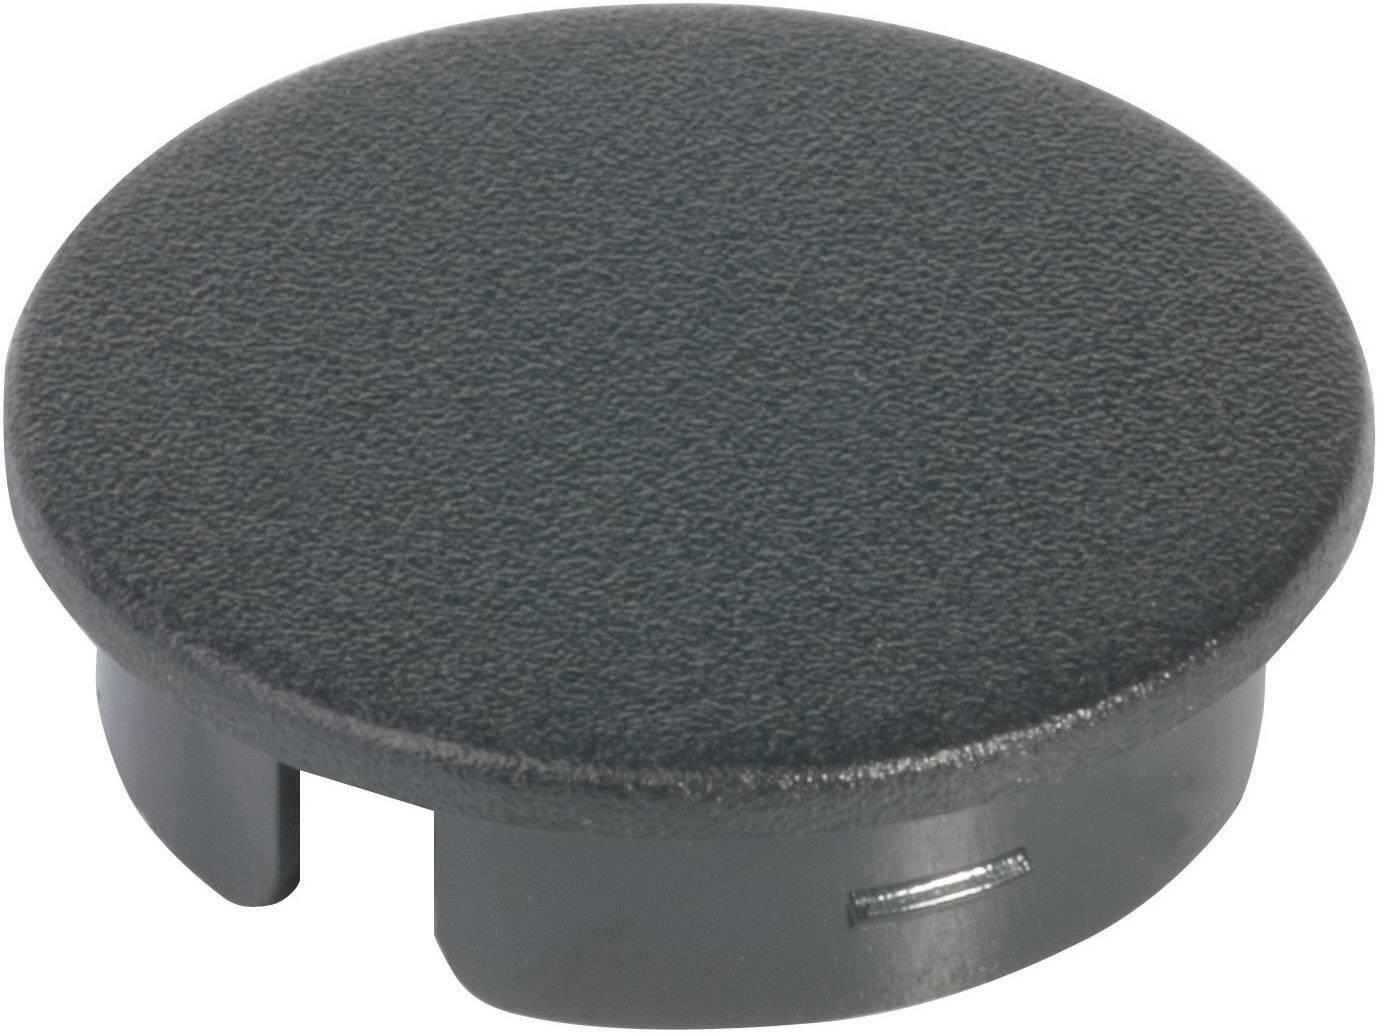 Krytka na otočný knoflík s ukazatelem OKW, pro knoflíky/O 40 mm, černá